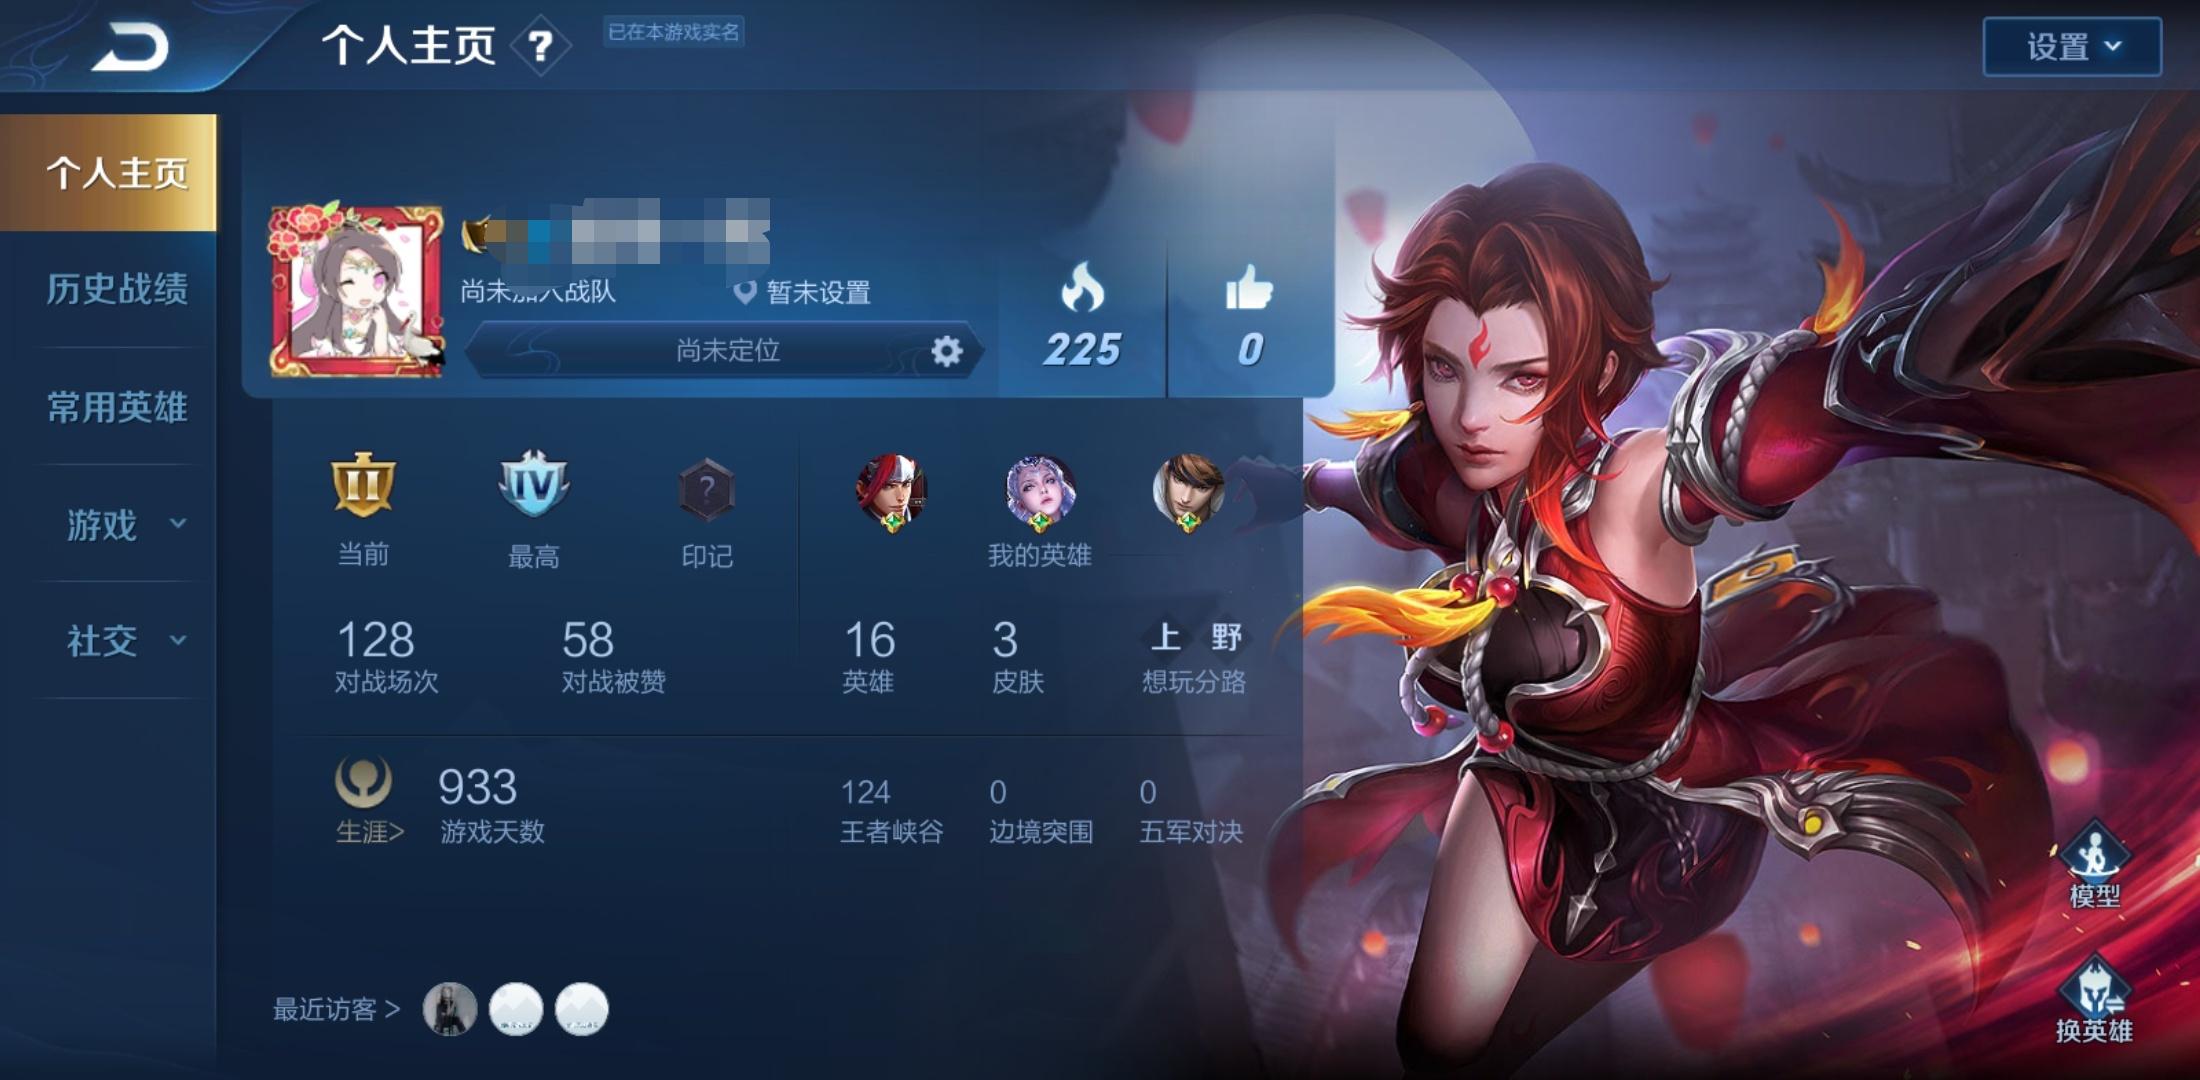 王者荣耀游戏内头像更换方法教学,不过仅限微信区玩家